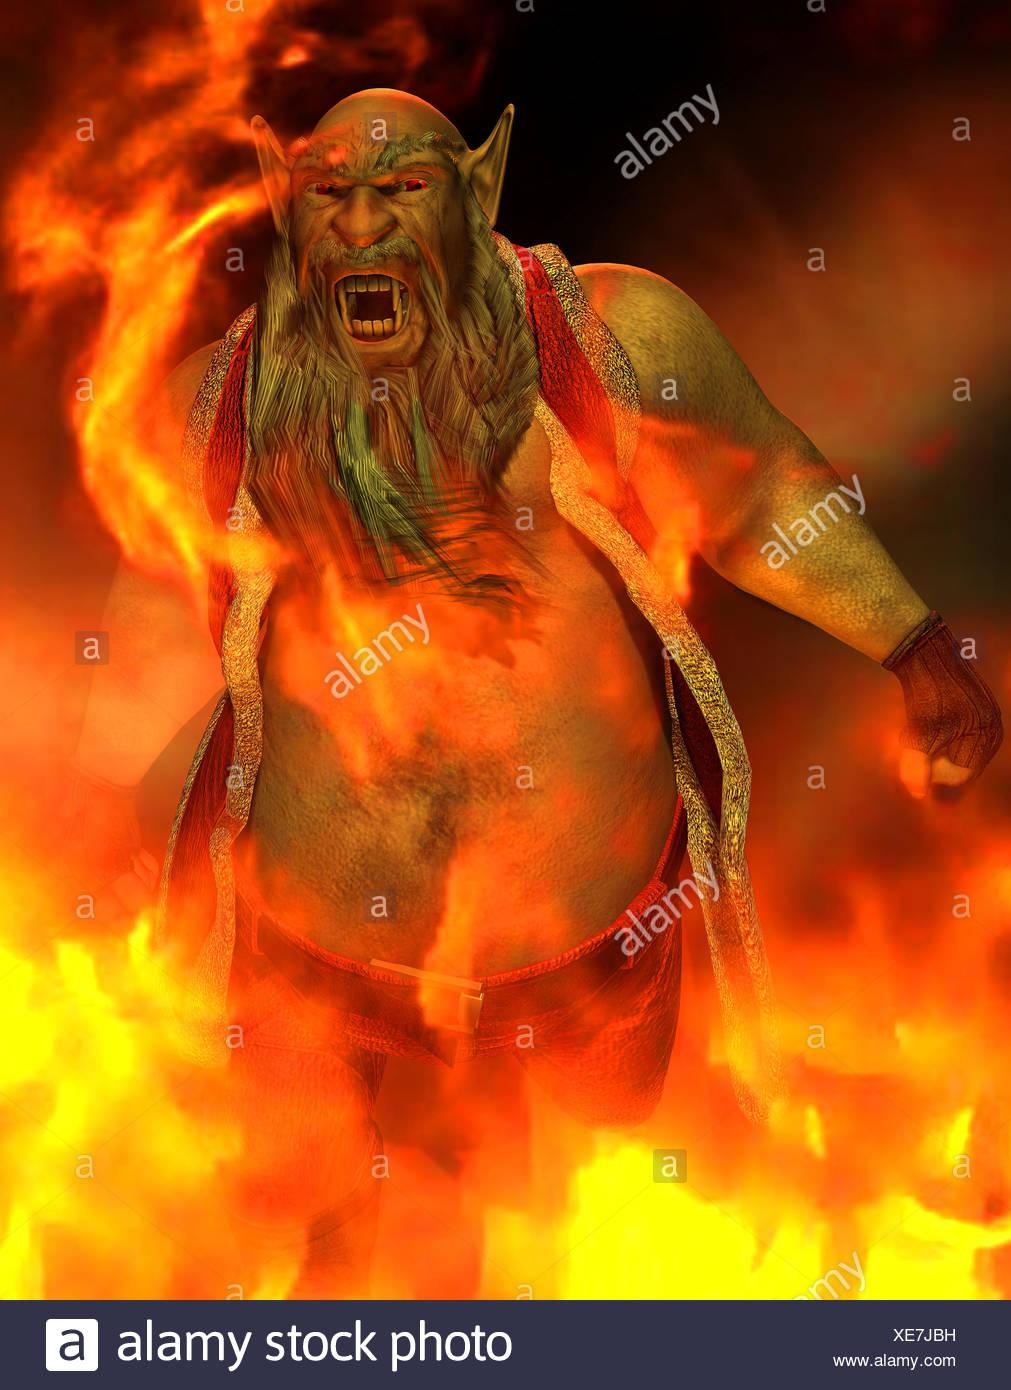 Uomo cattivo in fuoco Immagini Stock